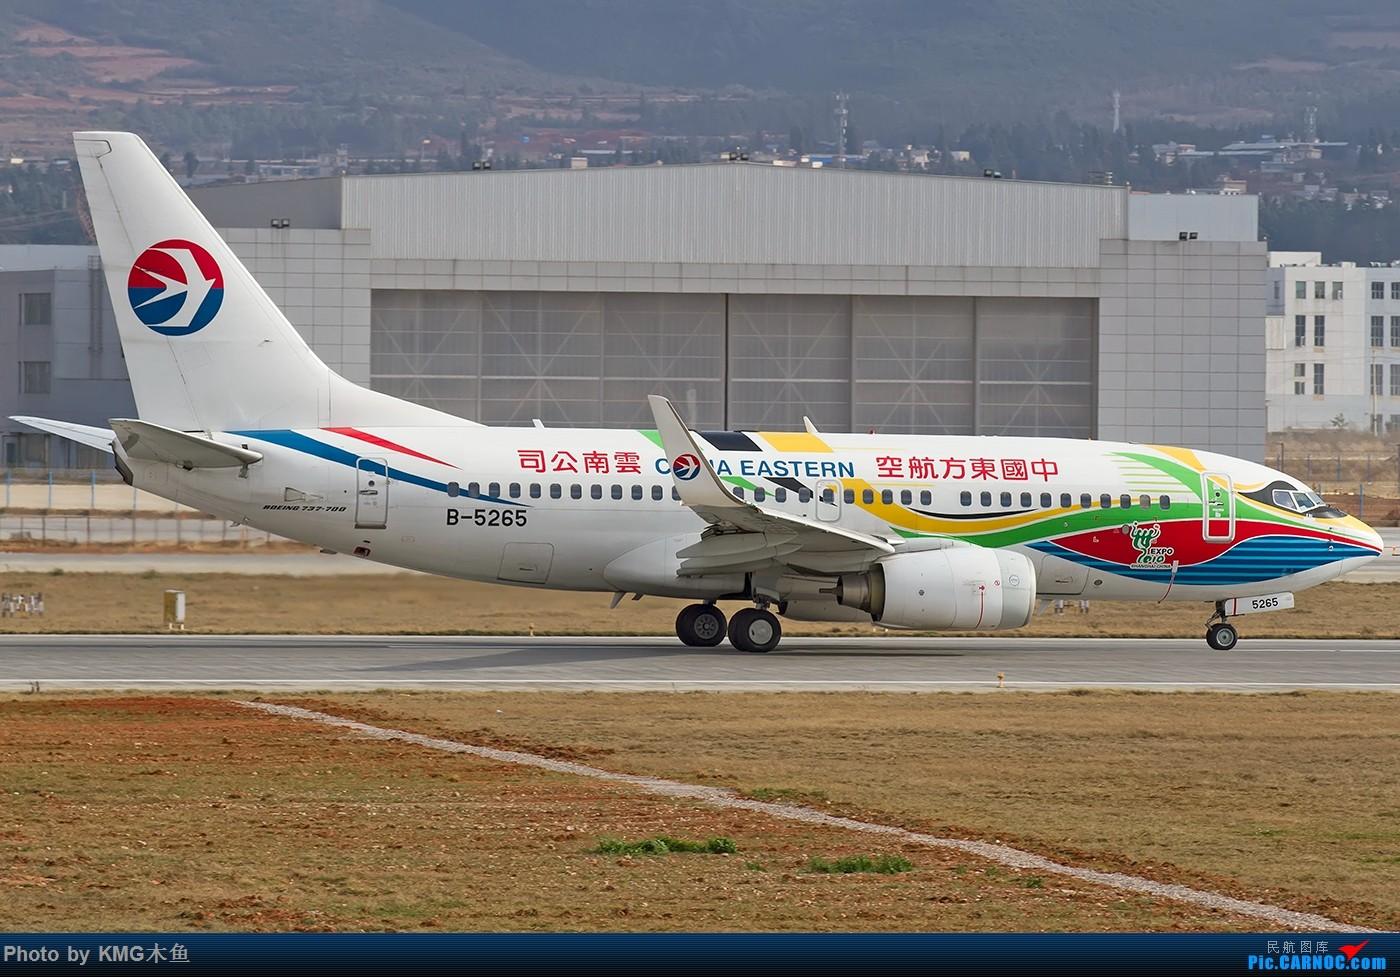 Re:[原创]【KMG】【昆明飞友会-KMG木鱼】2016年一月的周末从白天拍到天黑,临走时还来了一架波音777 BOEING 737-700 B-5265 中国昆明长水国际机场